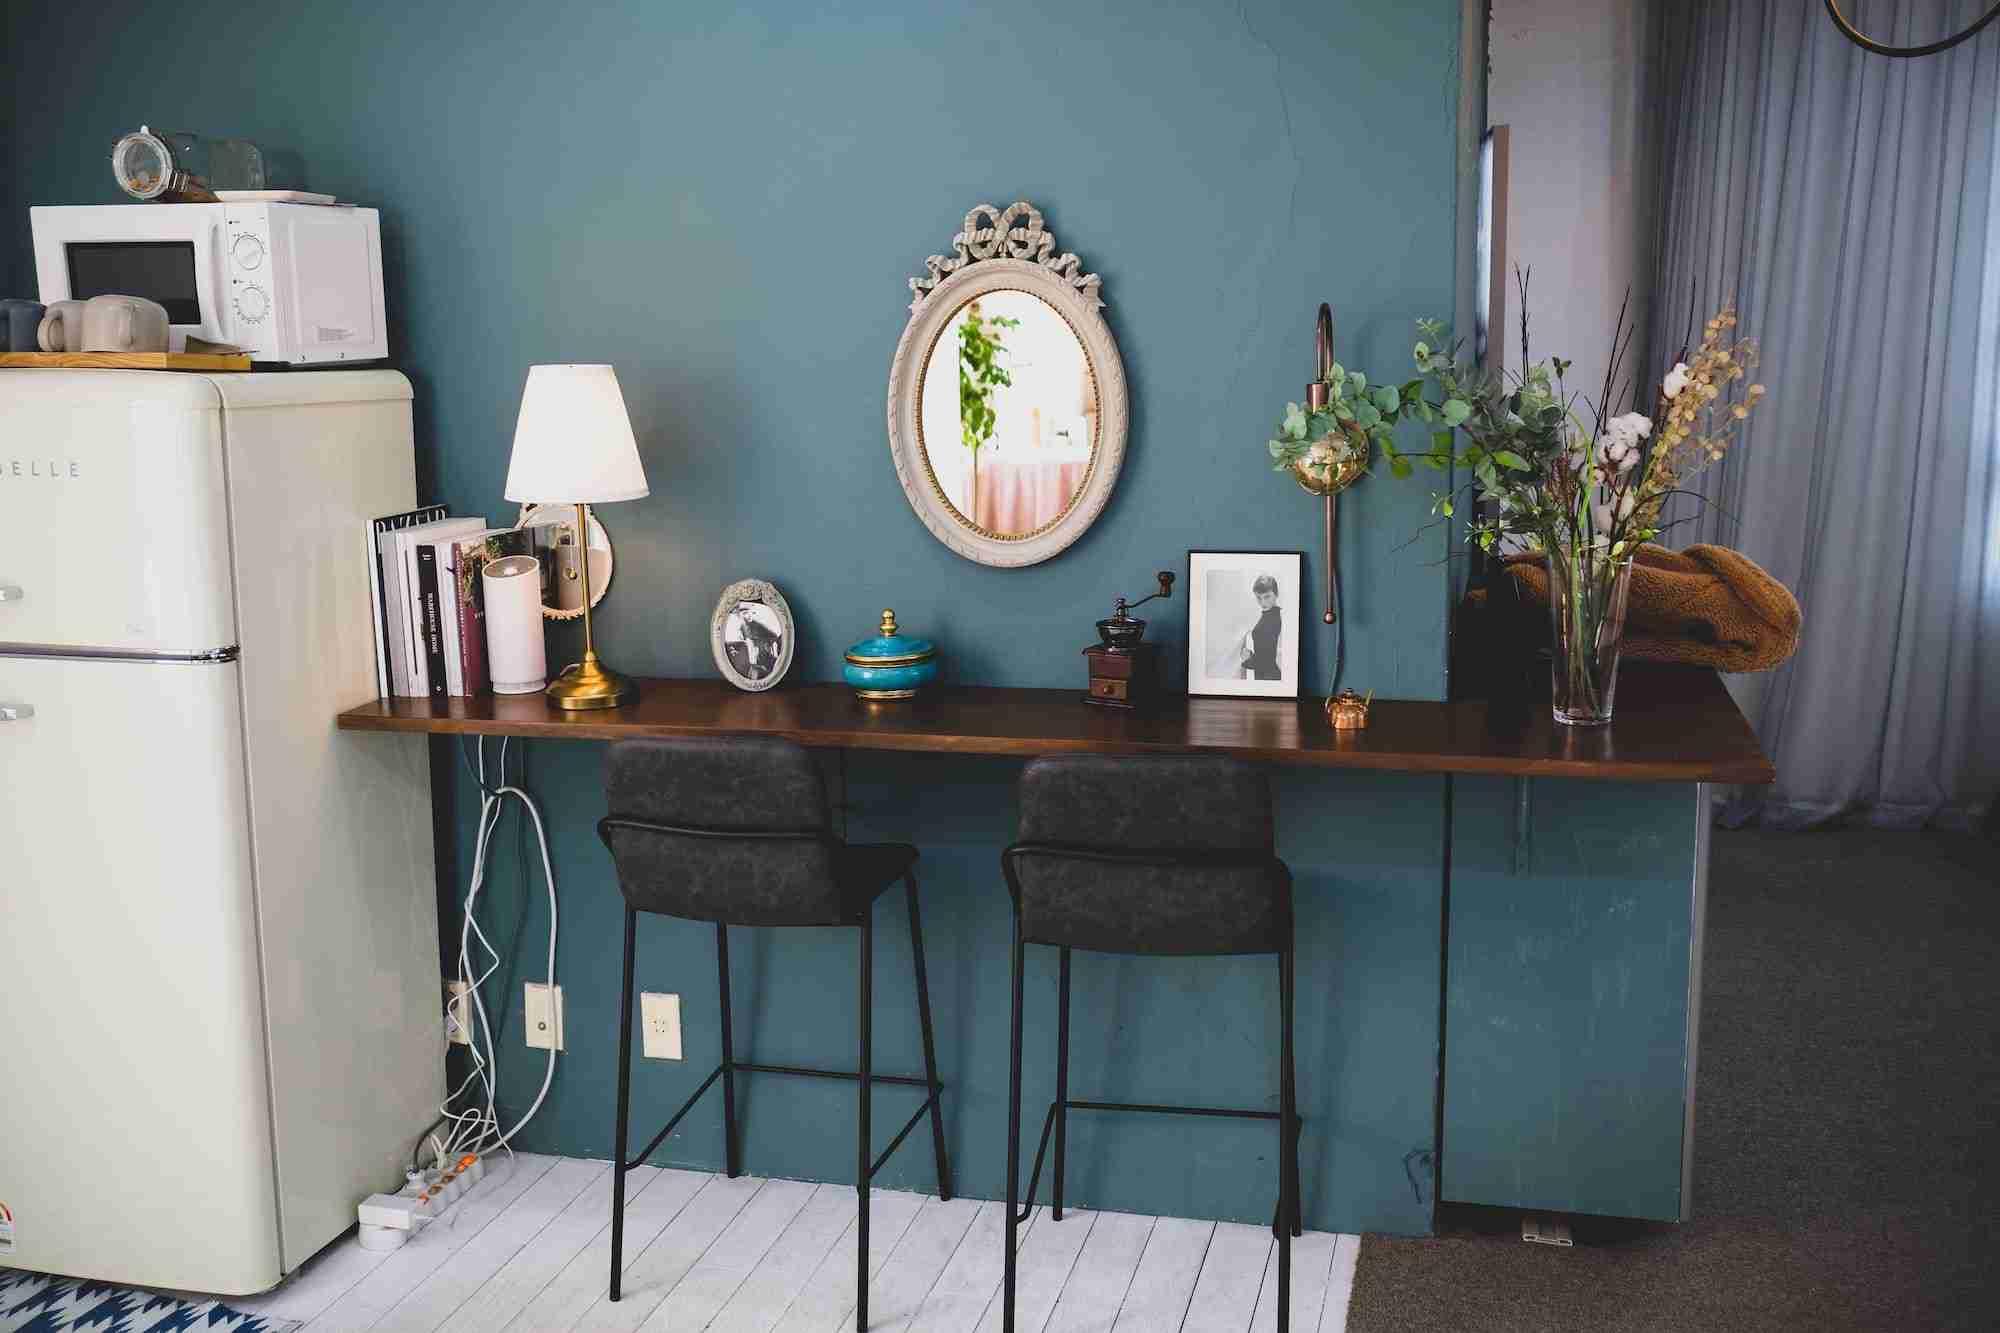 Mueble transformer: crea tu propia versión 10